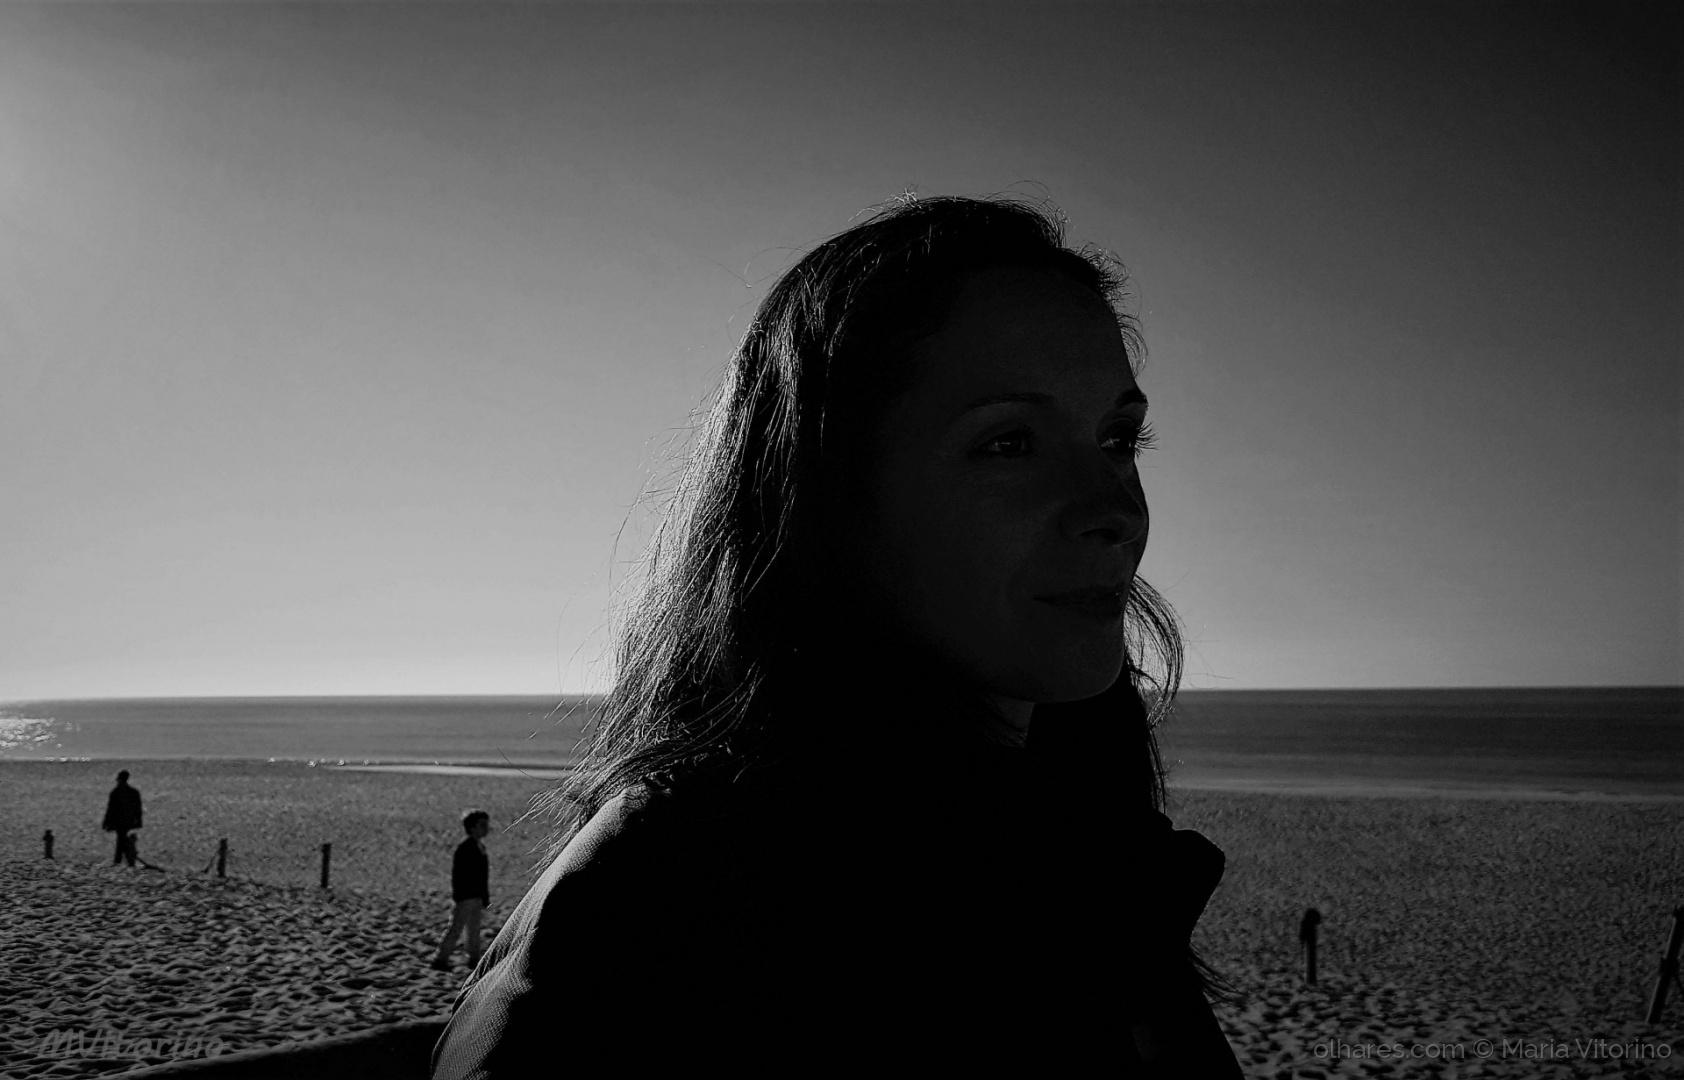 Retratos/A luz da vida (ler sff)